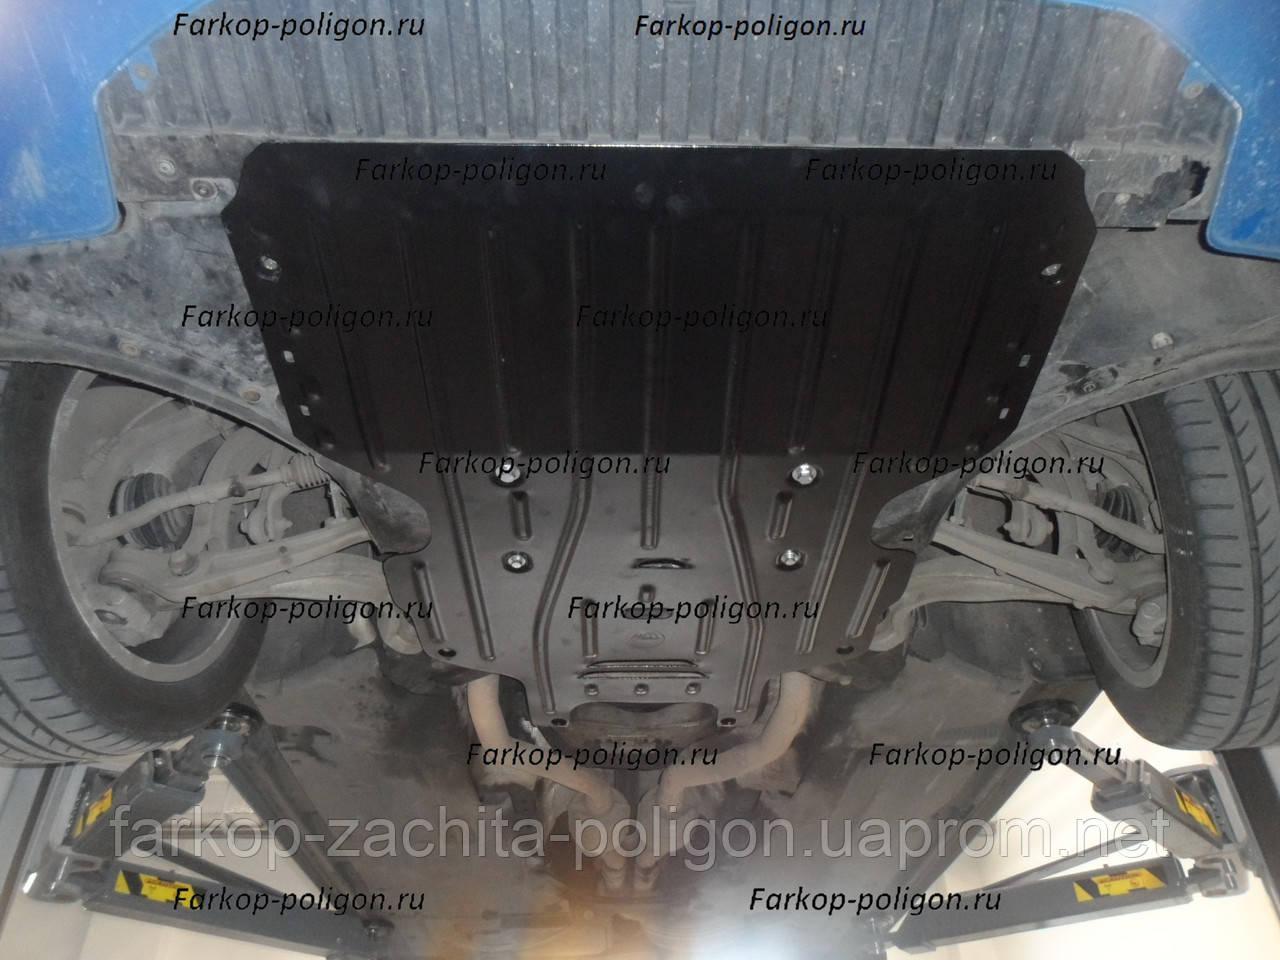 Защита картера AUDI A4 дизель с 2008-2012 г.